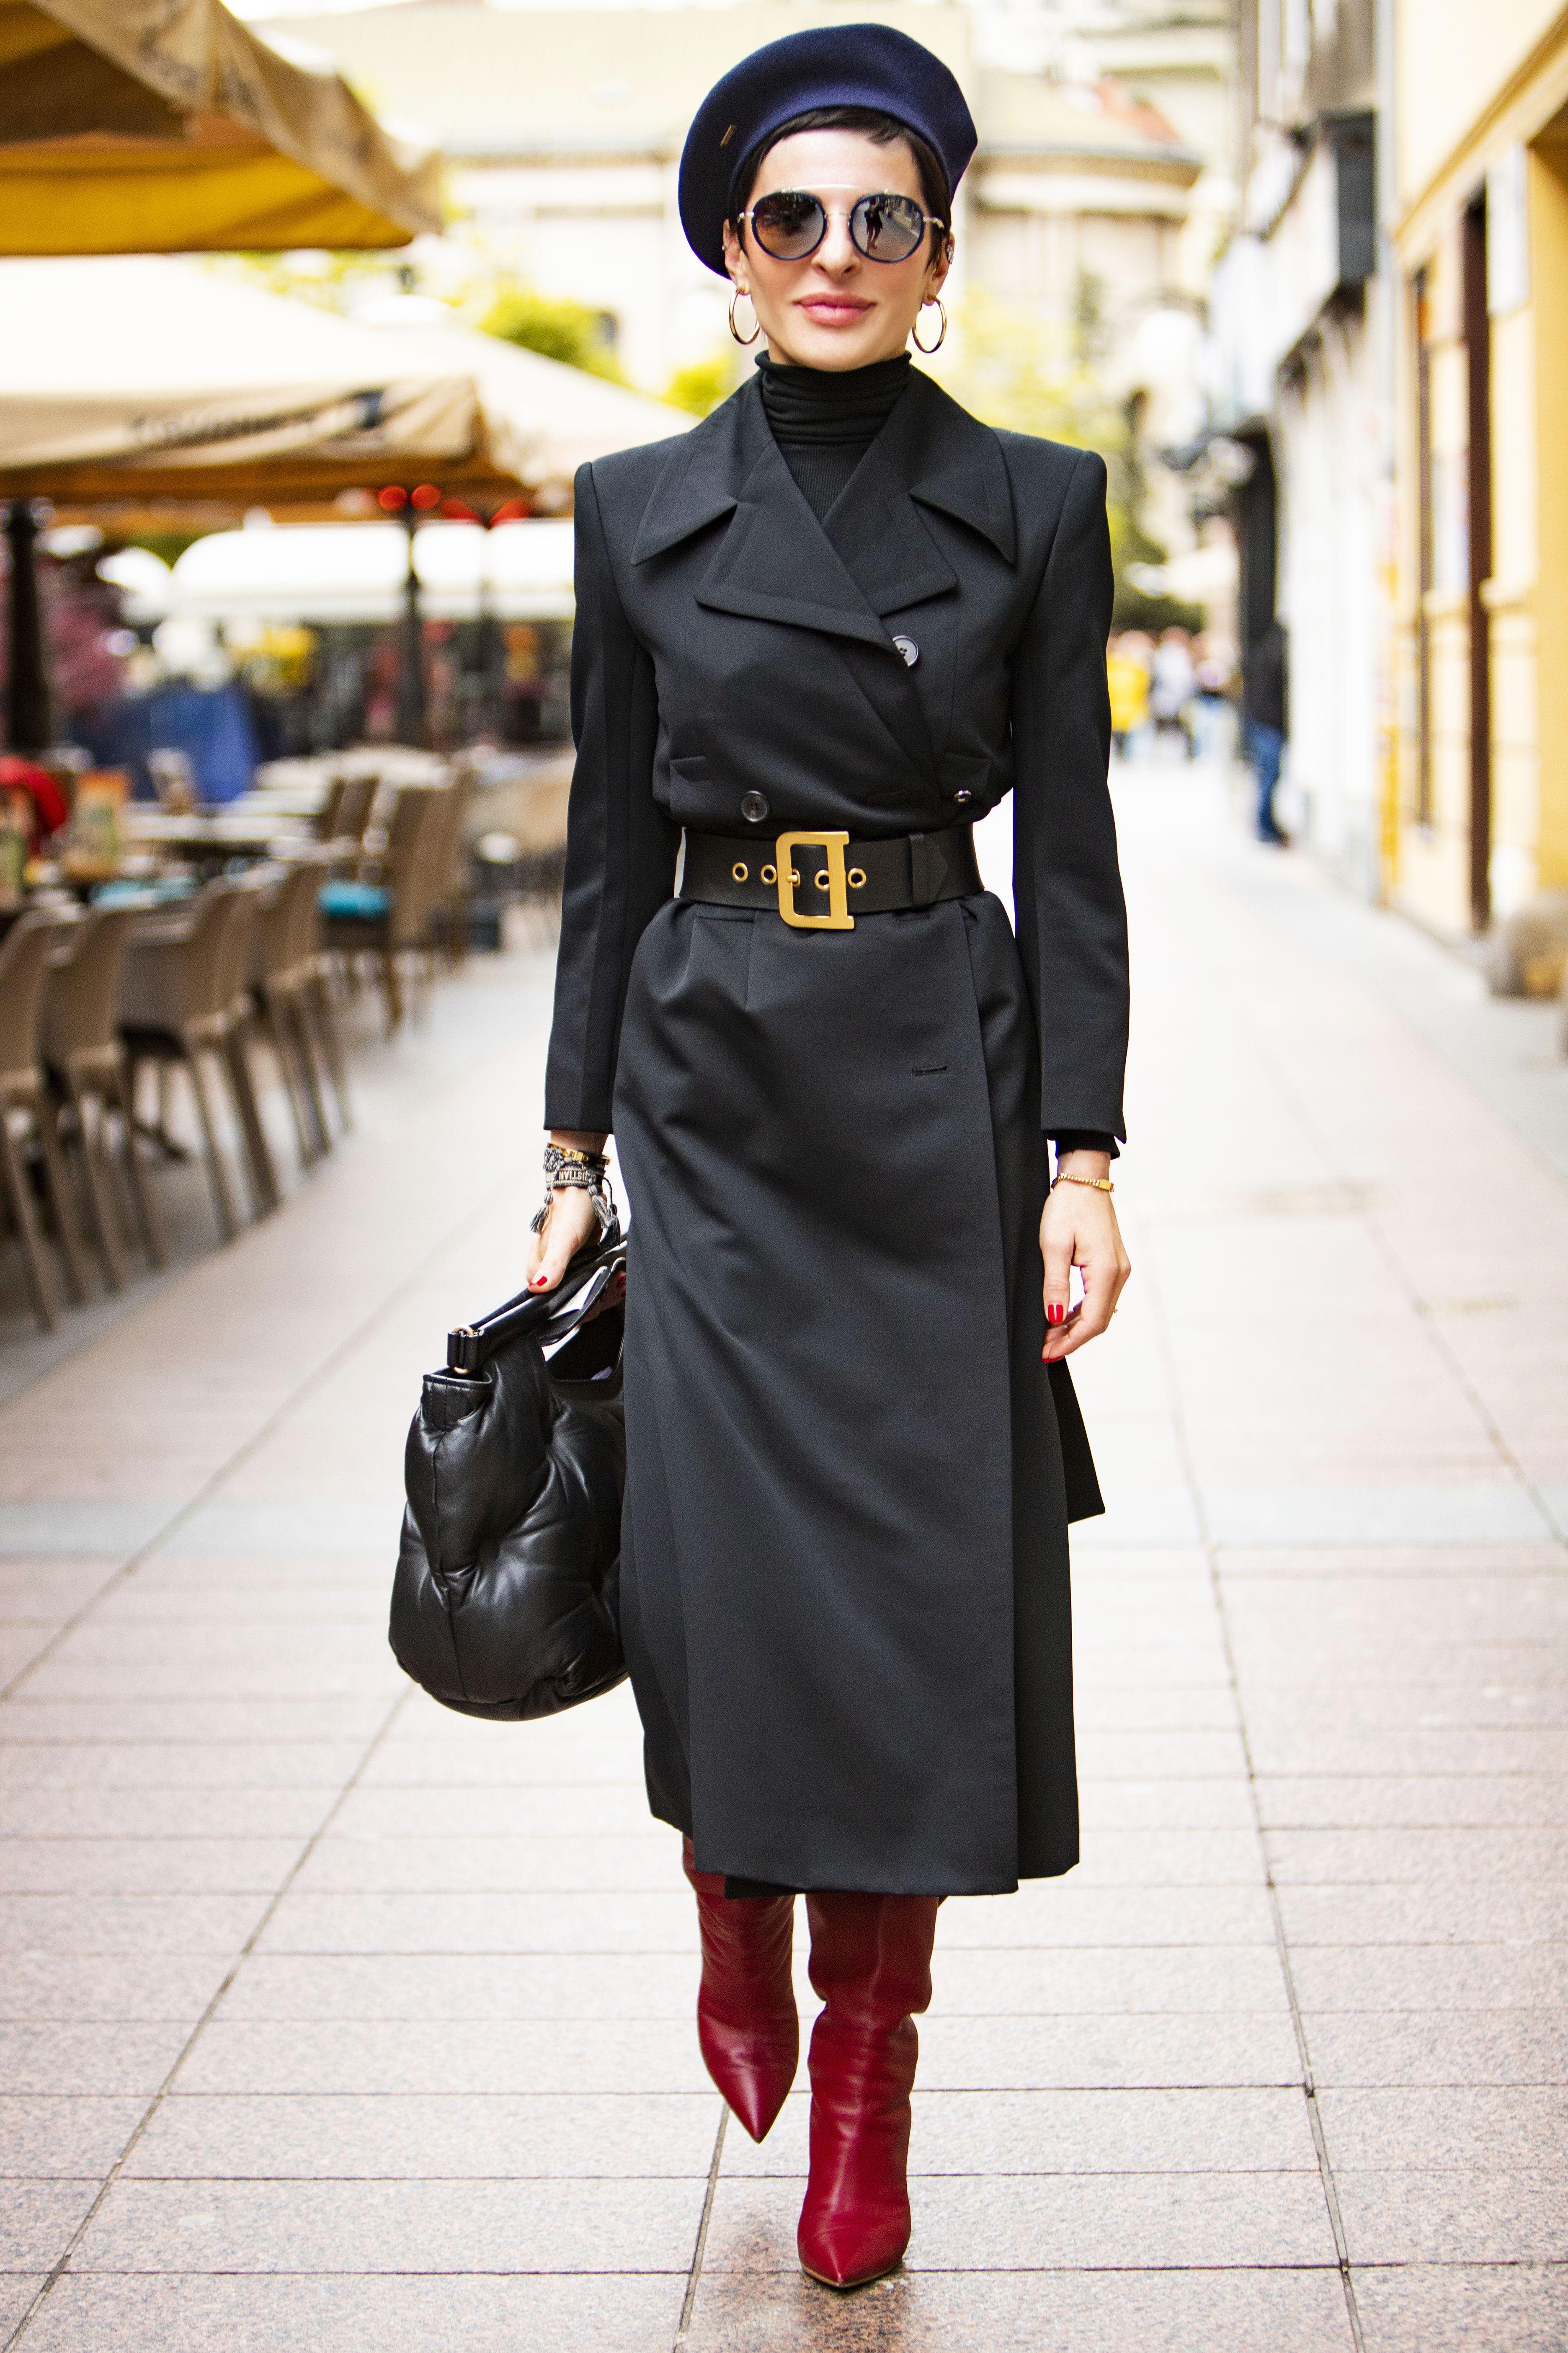 Baš nam se sviđa: Stylish odvjetnica u ovom stylingu izgleda kao kakva misteriozna detektivka!